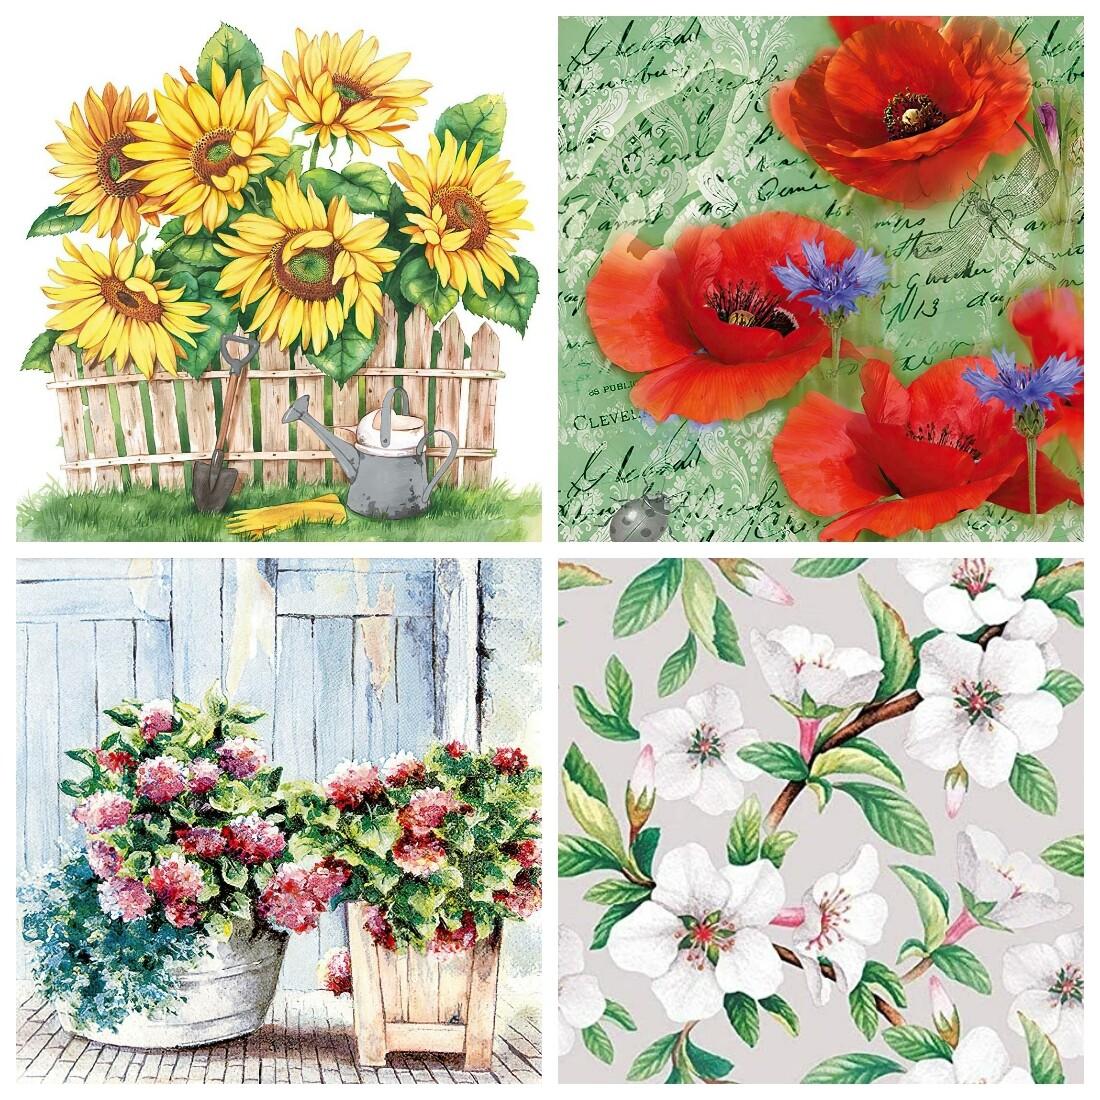 Decoupage Paper Napkins - Floral 23 13x13 (4 Sheets)